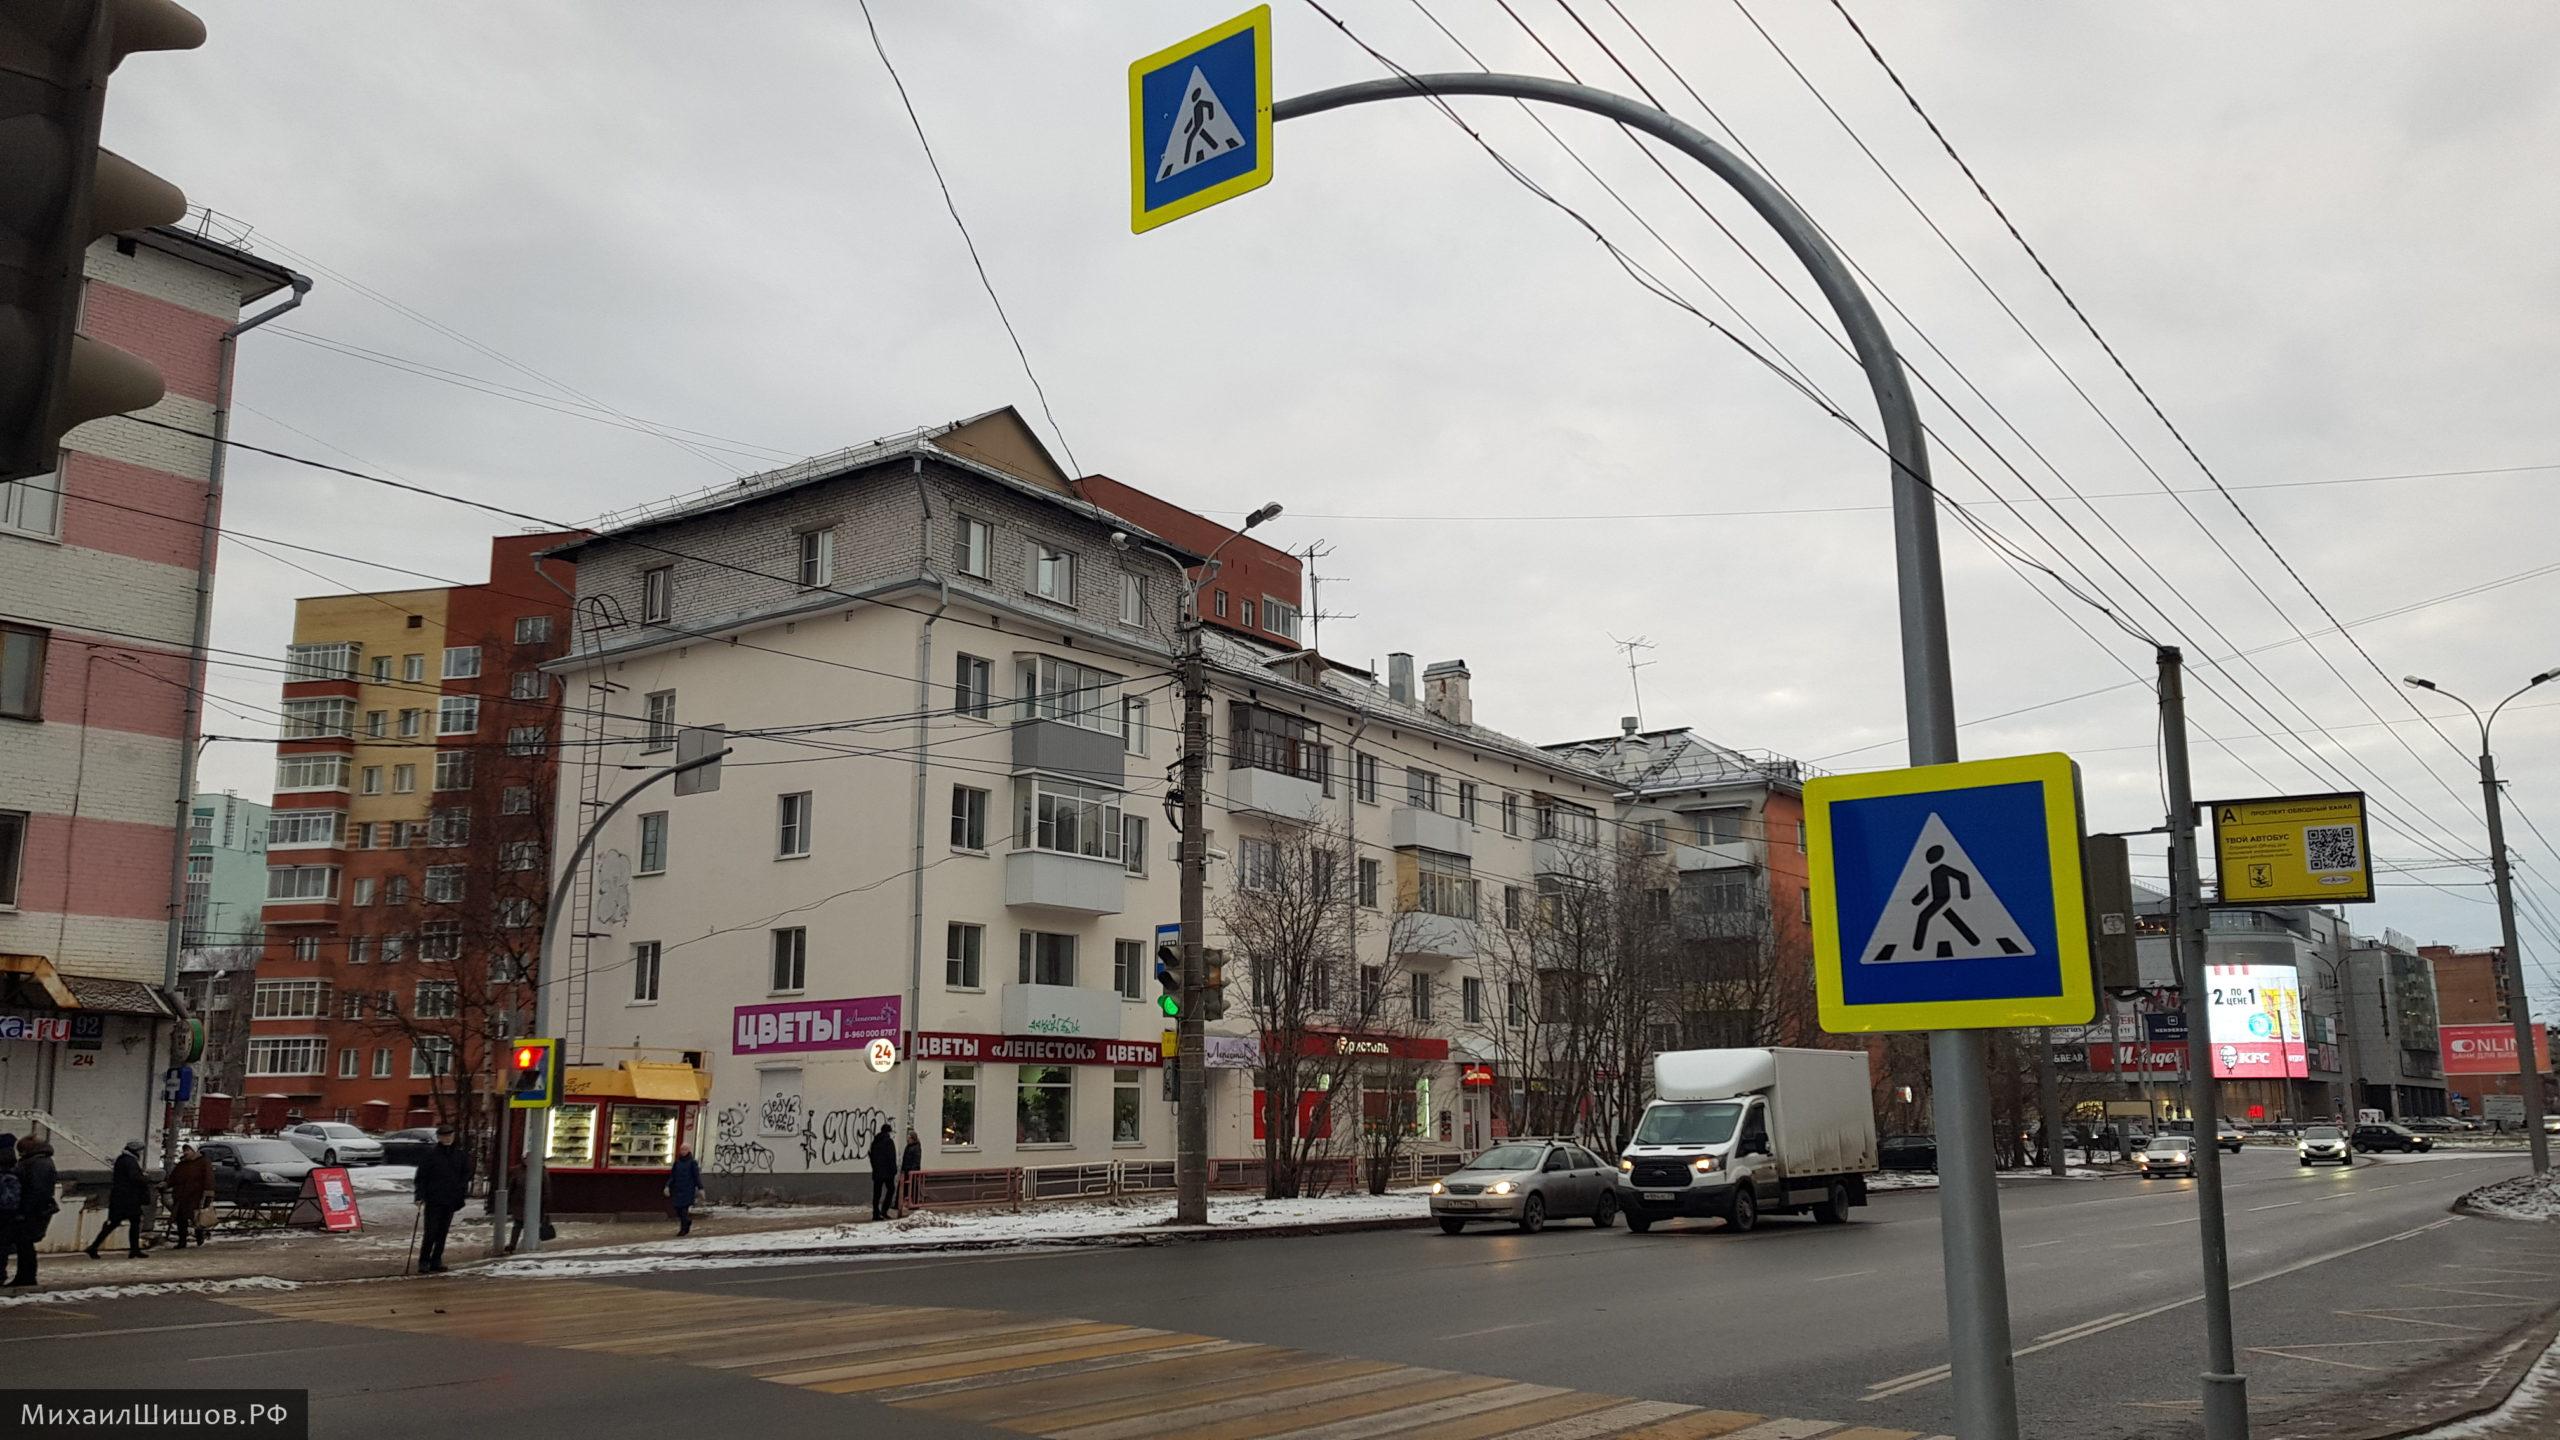 Фейковая безопасность на пешеходных переходах